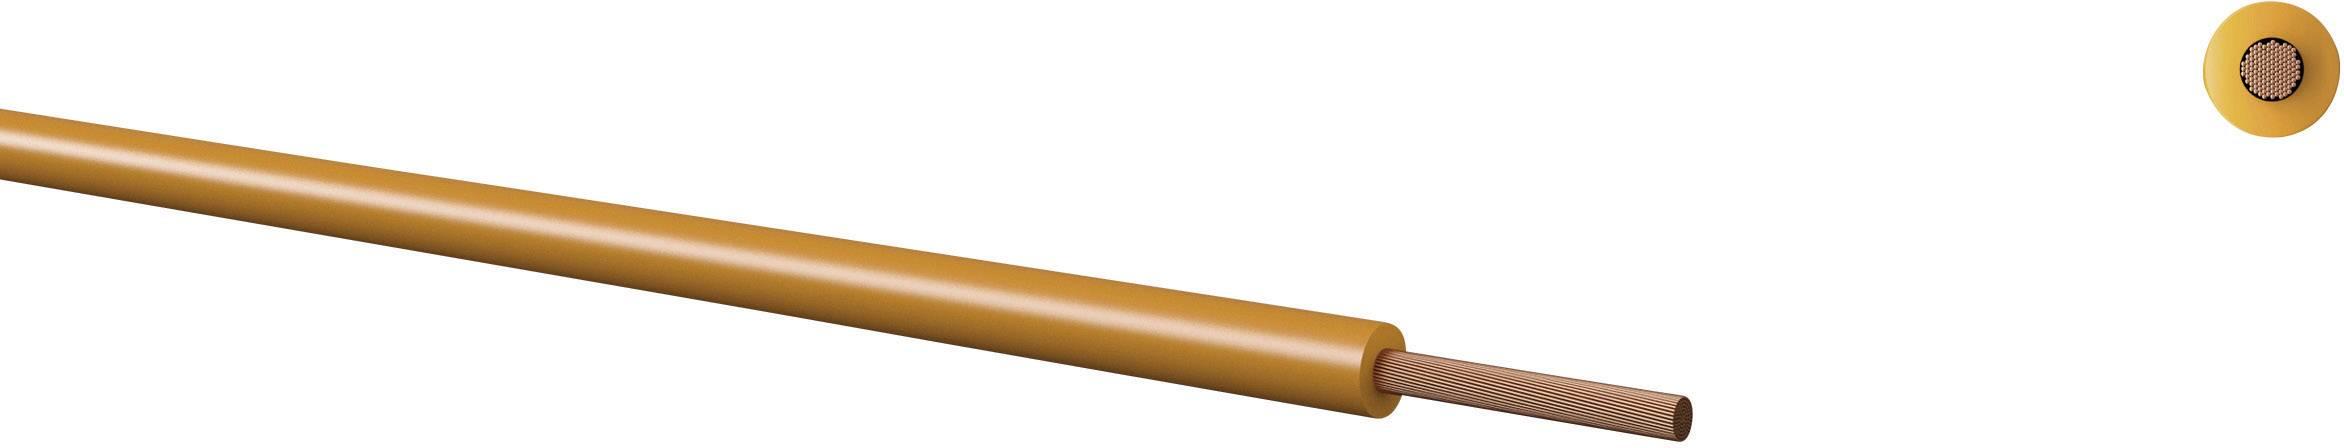 Opletenie / lanko Kabeltronik 160107502 LiFY, 1 x 0.75 mm², vonkajší Ø 2.20 mm, metrový tovar, hnedá